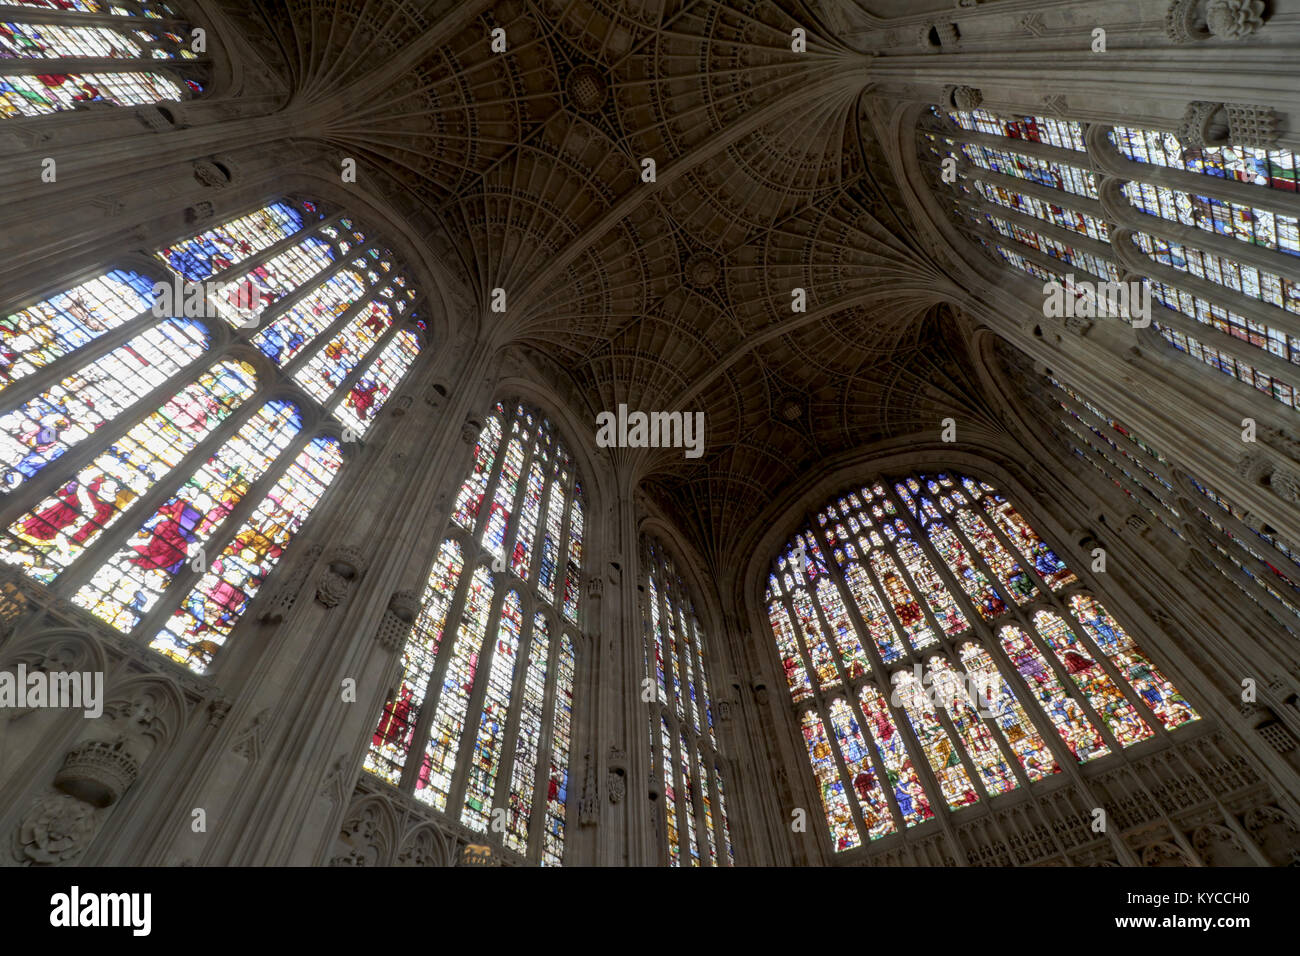 Ventilatore da soffitto vault e le vetrate di Kings College Chapel presso l'Università di Cambridge, Inghilterra Foto Stock